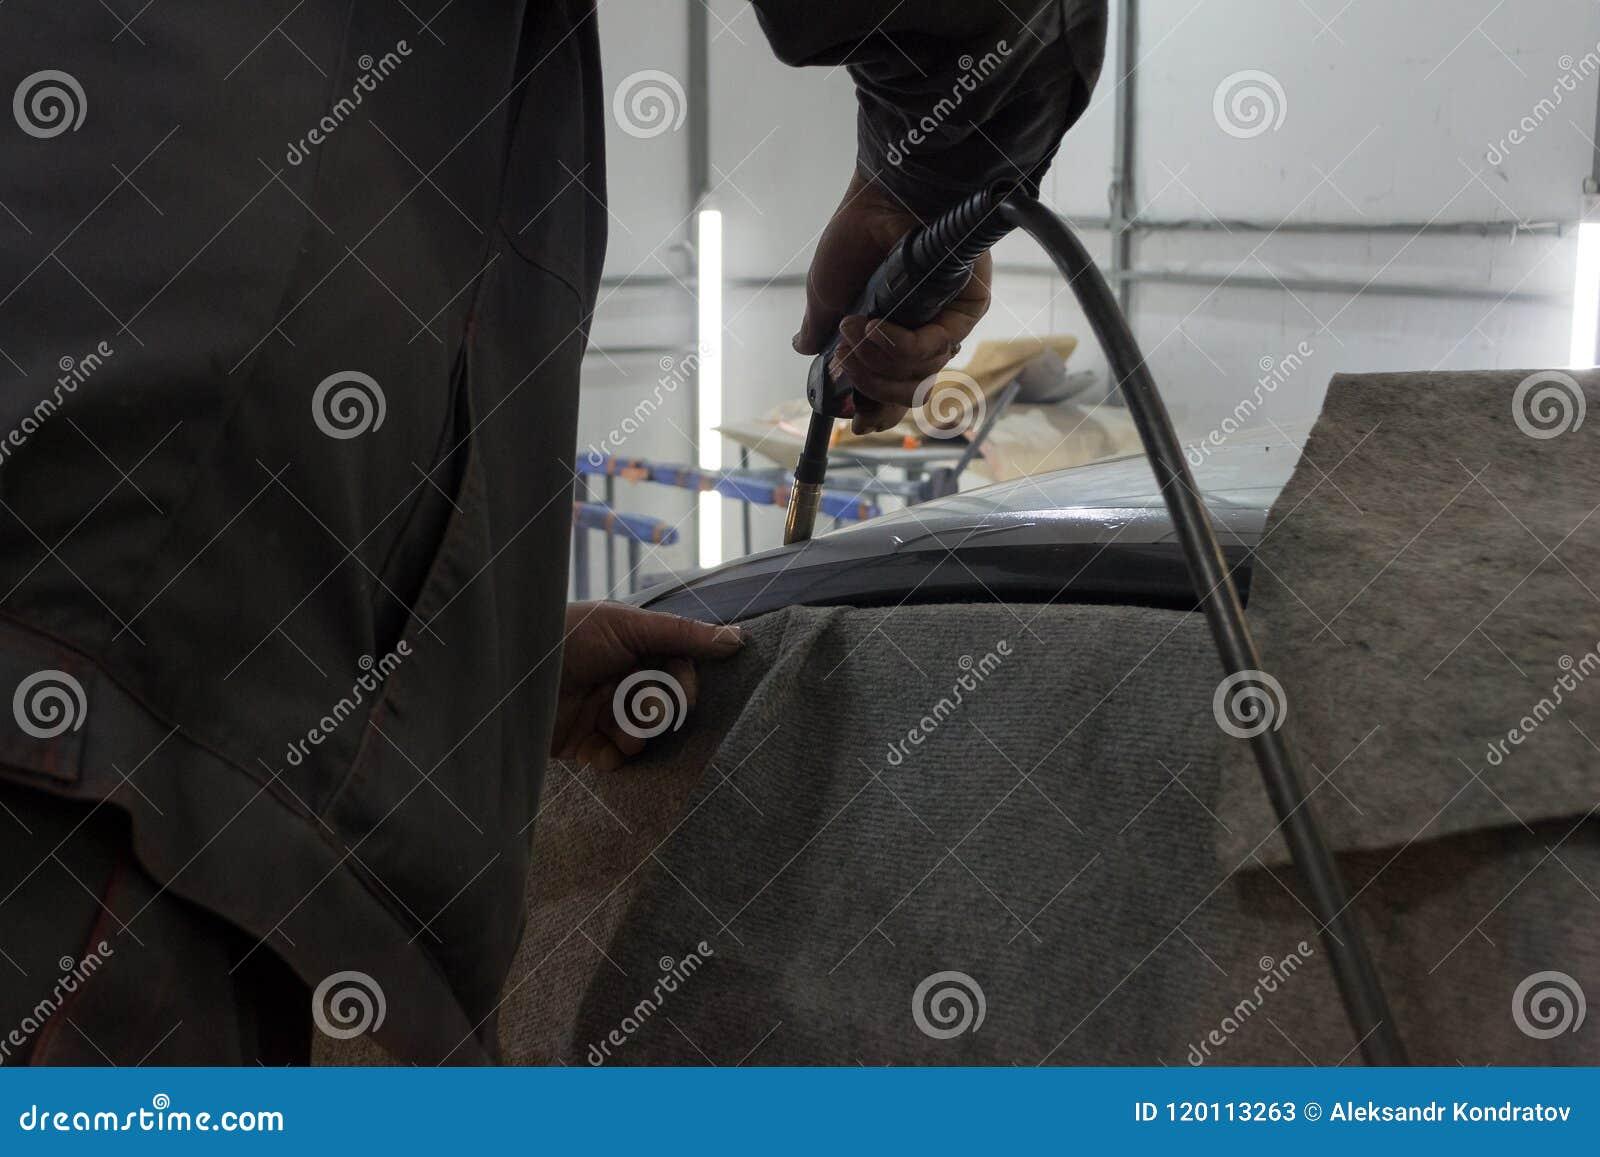 Το πεπειραμένο άτομο εκτελεί την εργασία για το αυτοκίνητο επισκευής σωμάτων με μια μηχανή συγκόλλησης